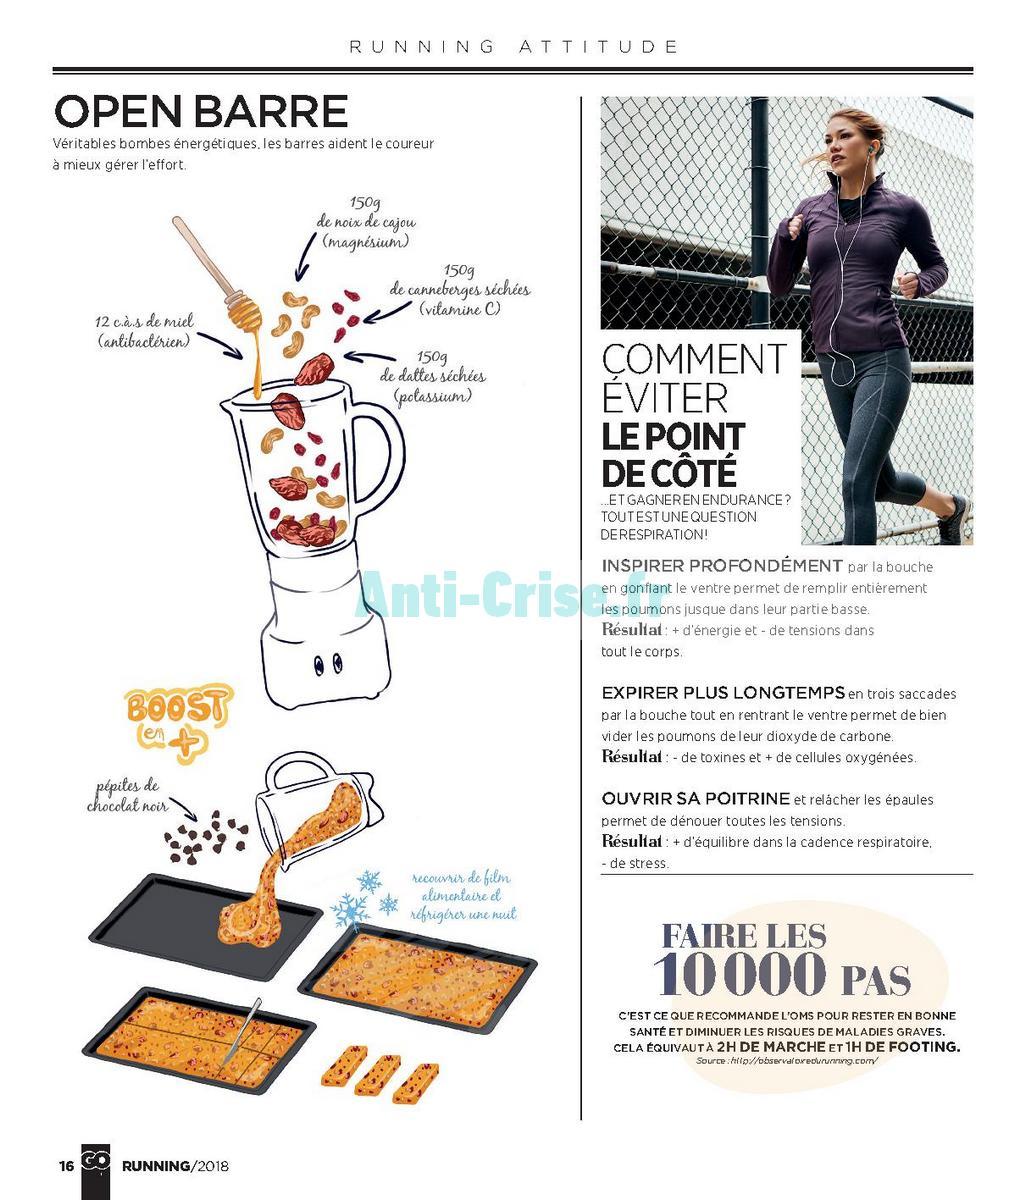 septembre2018 Catalogue Go Sport du 28 avril au 21 septembre 2018 (Running) (16)